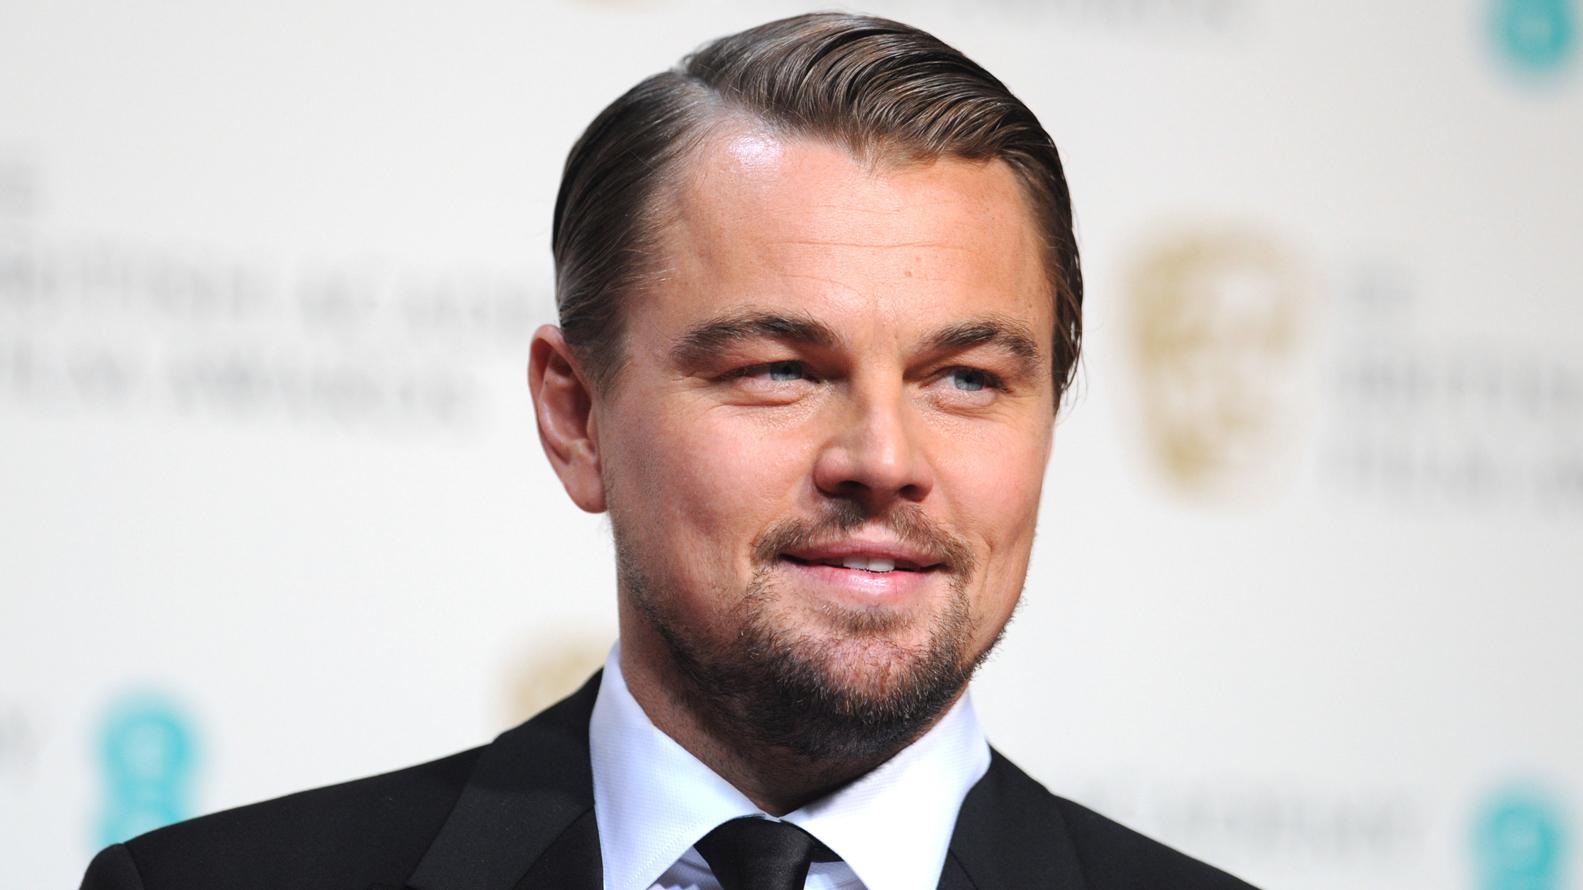 Leonardo DiCaprio alcanzó el éxito en la pantalla grande en 1992, cuando fue seleccionado por Robert De Niro entre 400 jóvenes actores para interpretar el papel principal en